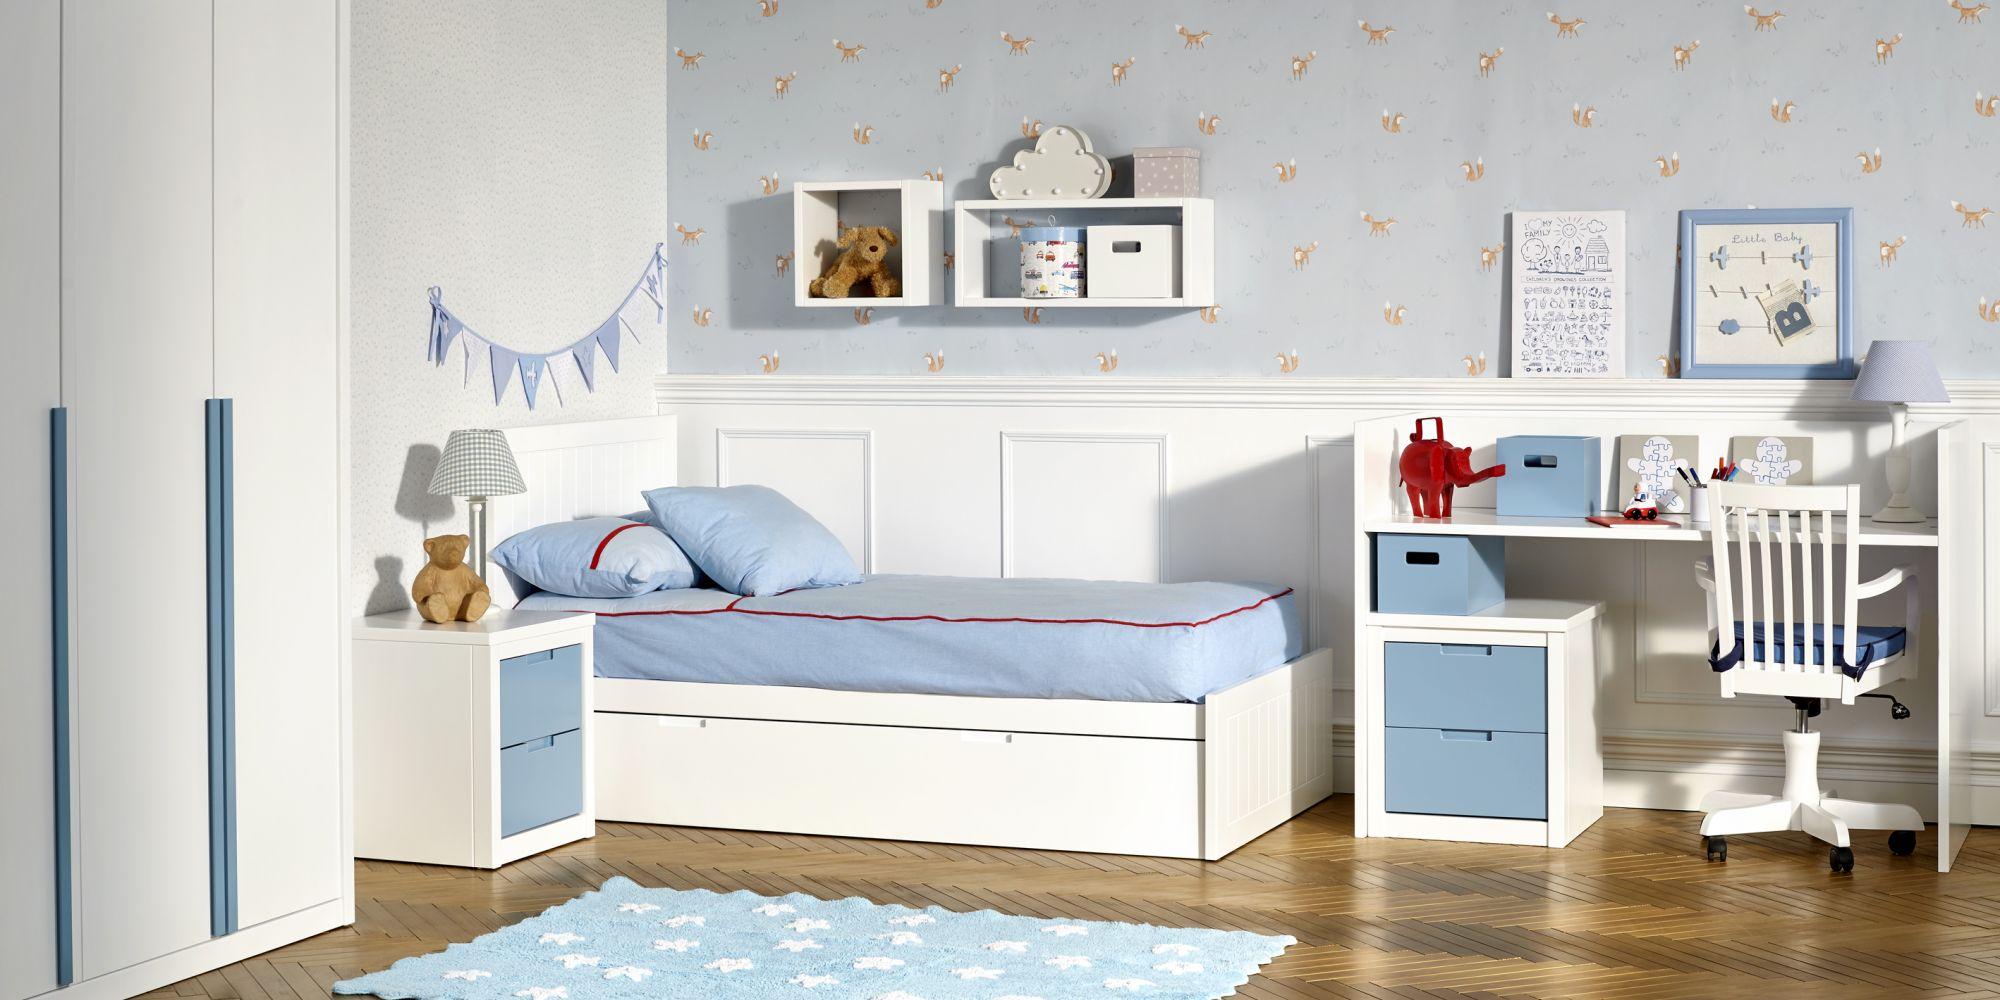 Convertible desmontado, que incluye zona de almacenaje, descanso y estudio en un mismo mueble   Mueble Infantil